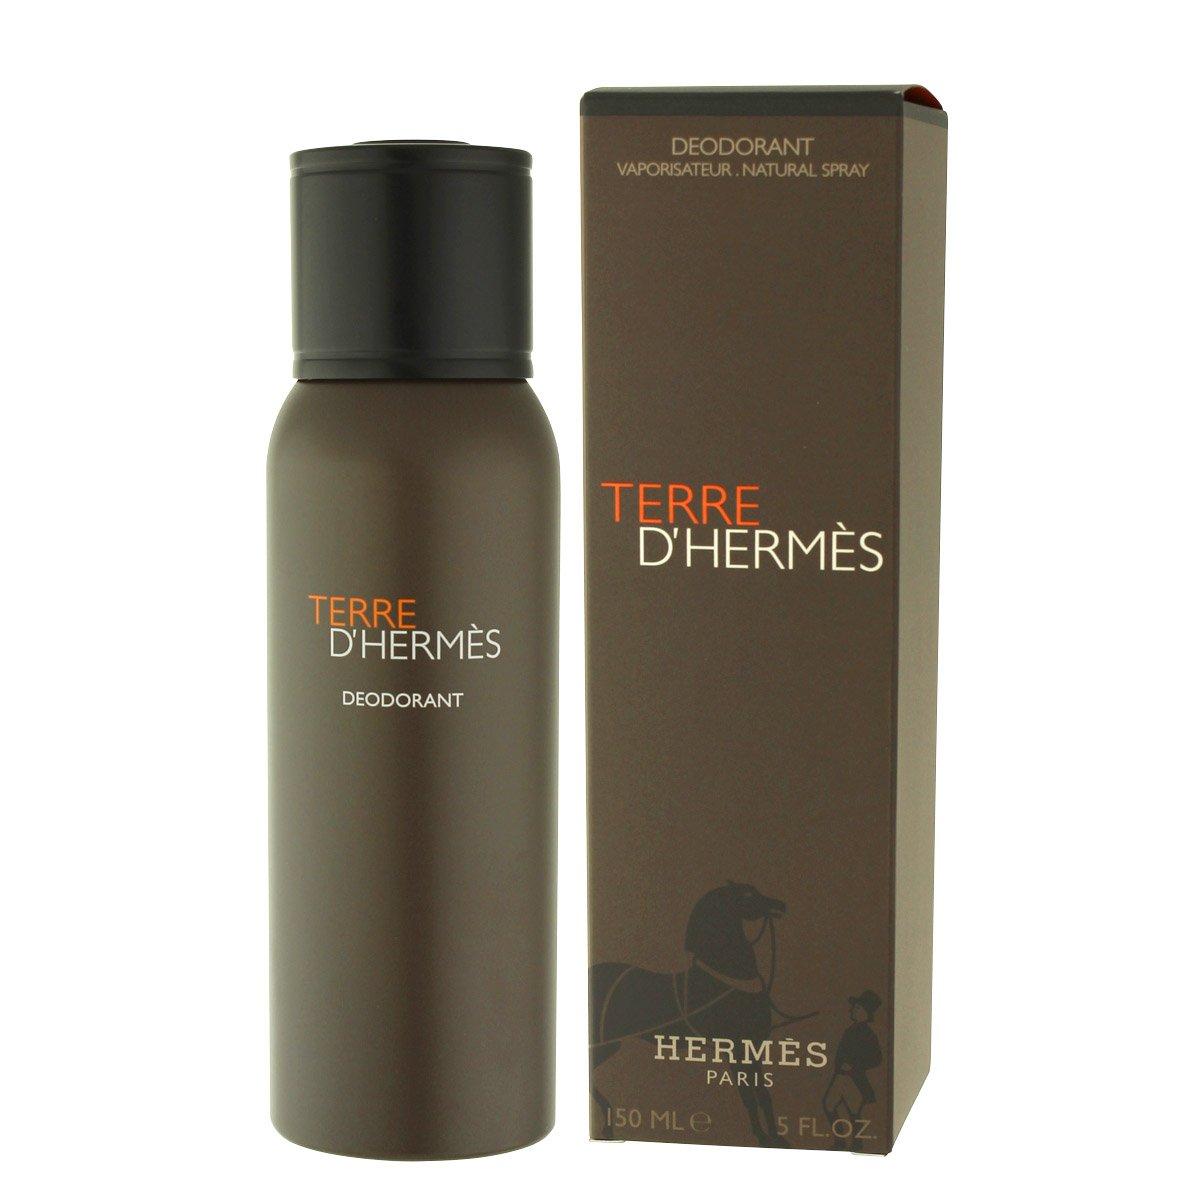 Terre D'hermes By Hermes Deodorant Spray For Men 5 Oz